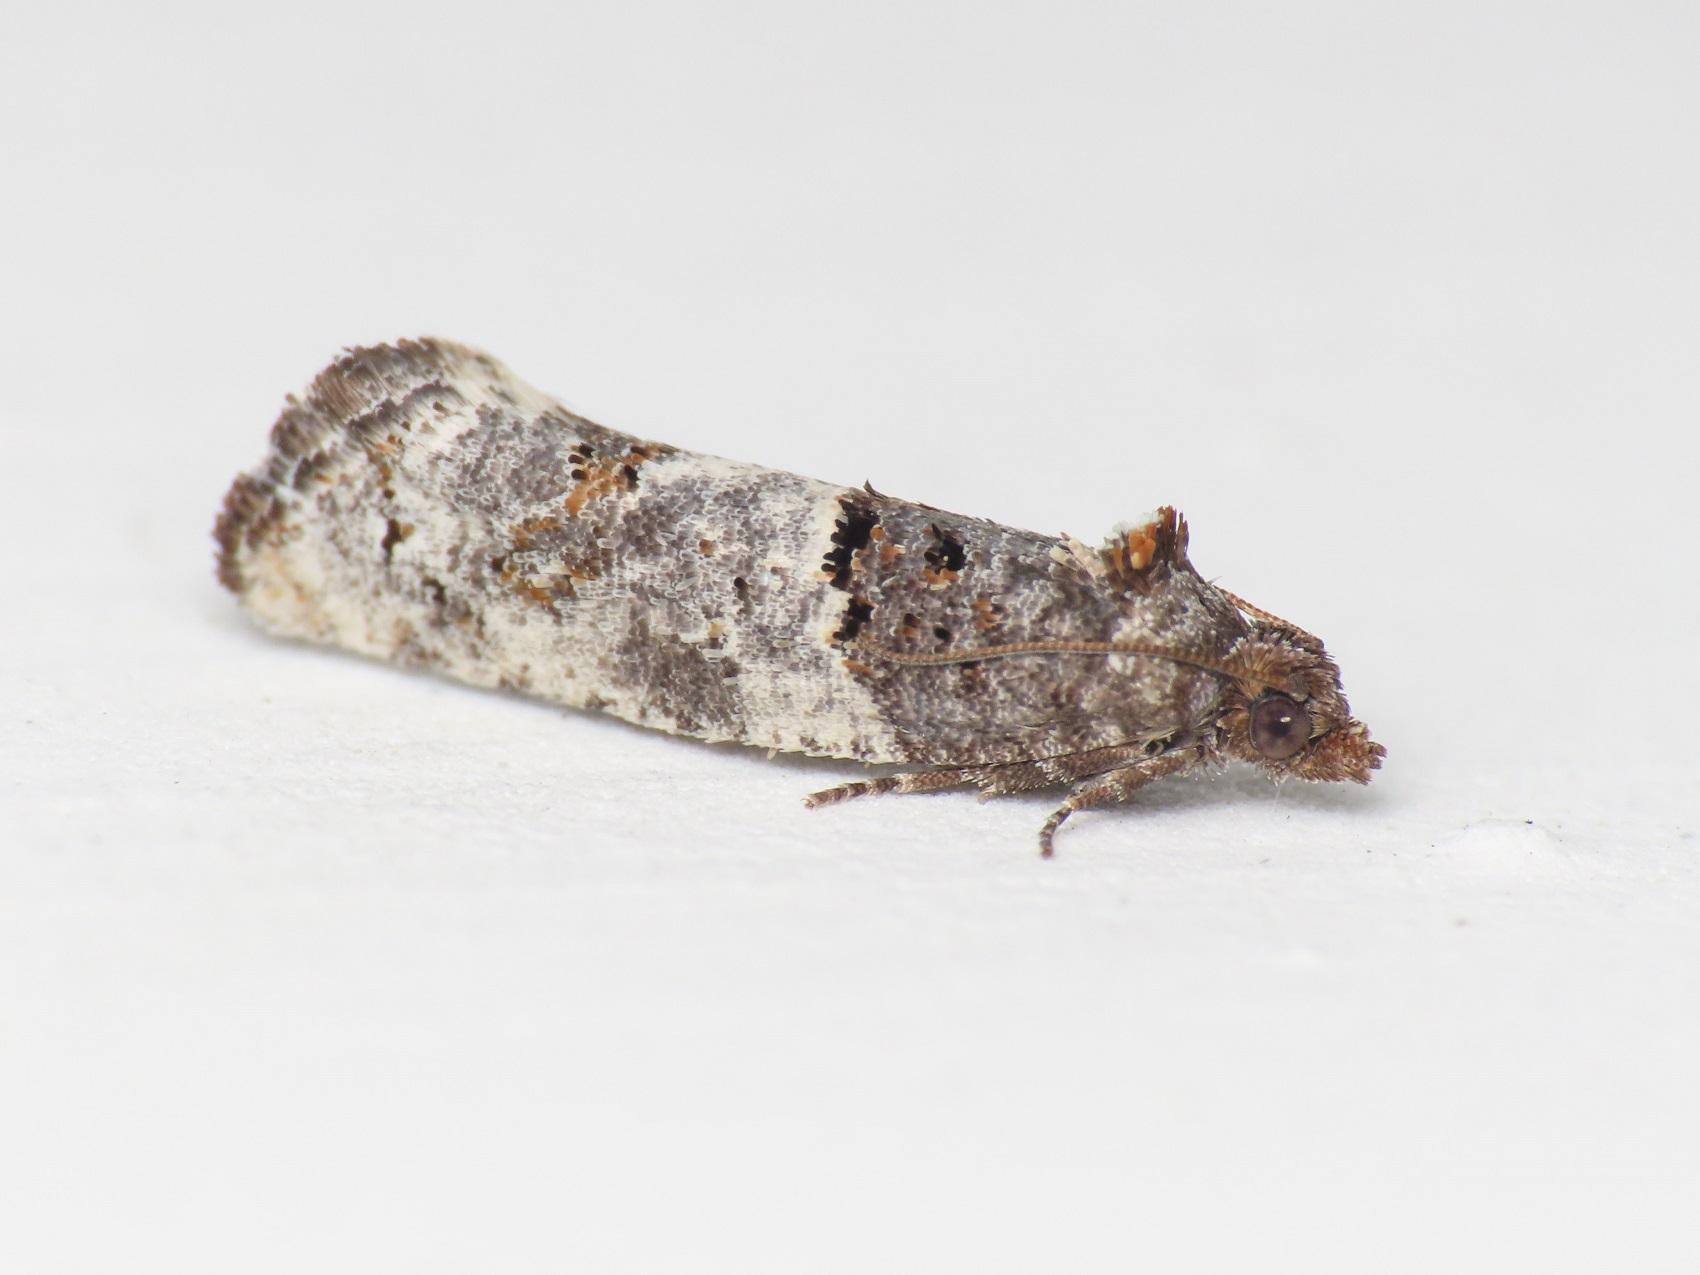 Tortricidae: Phaneta pauperana